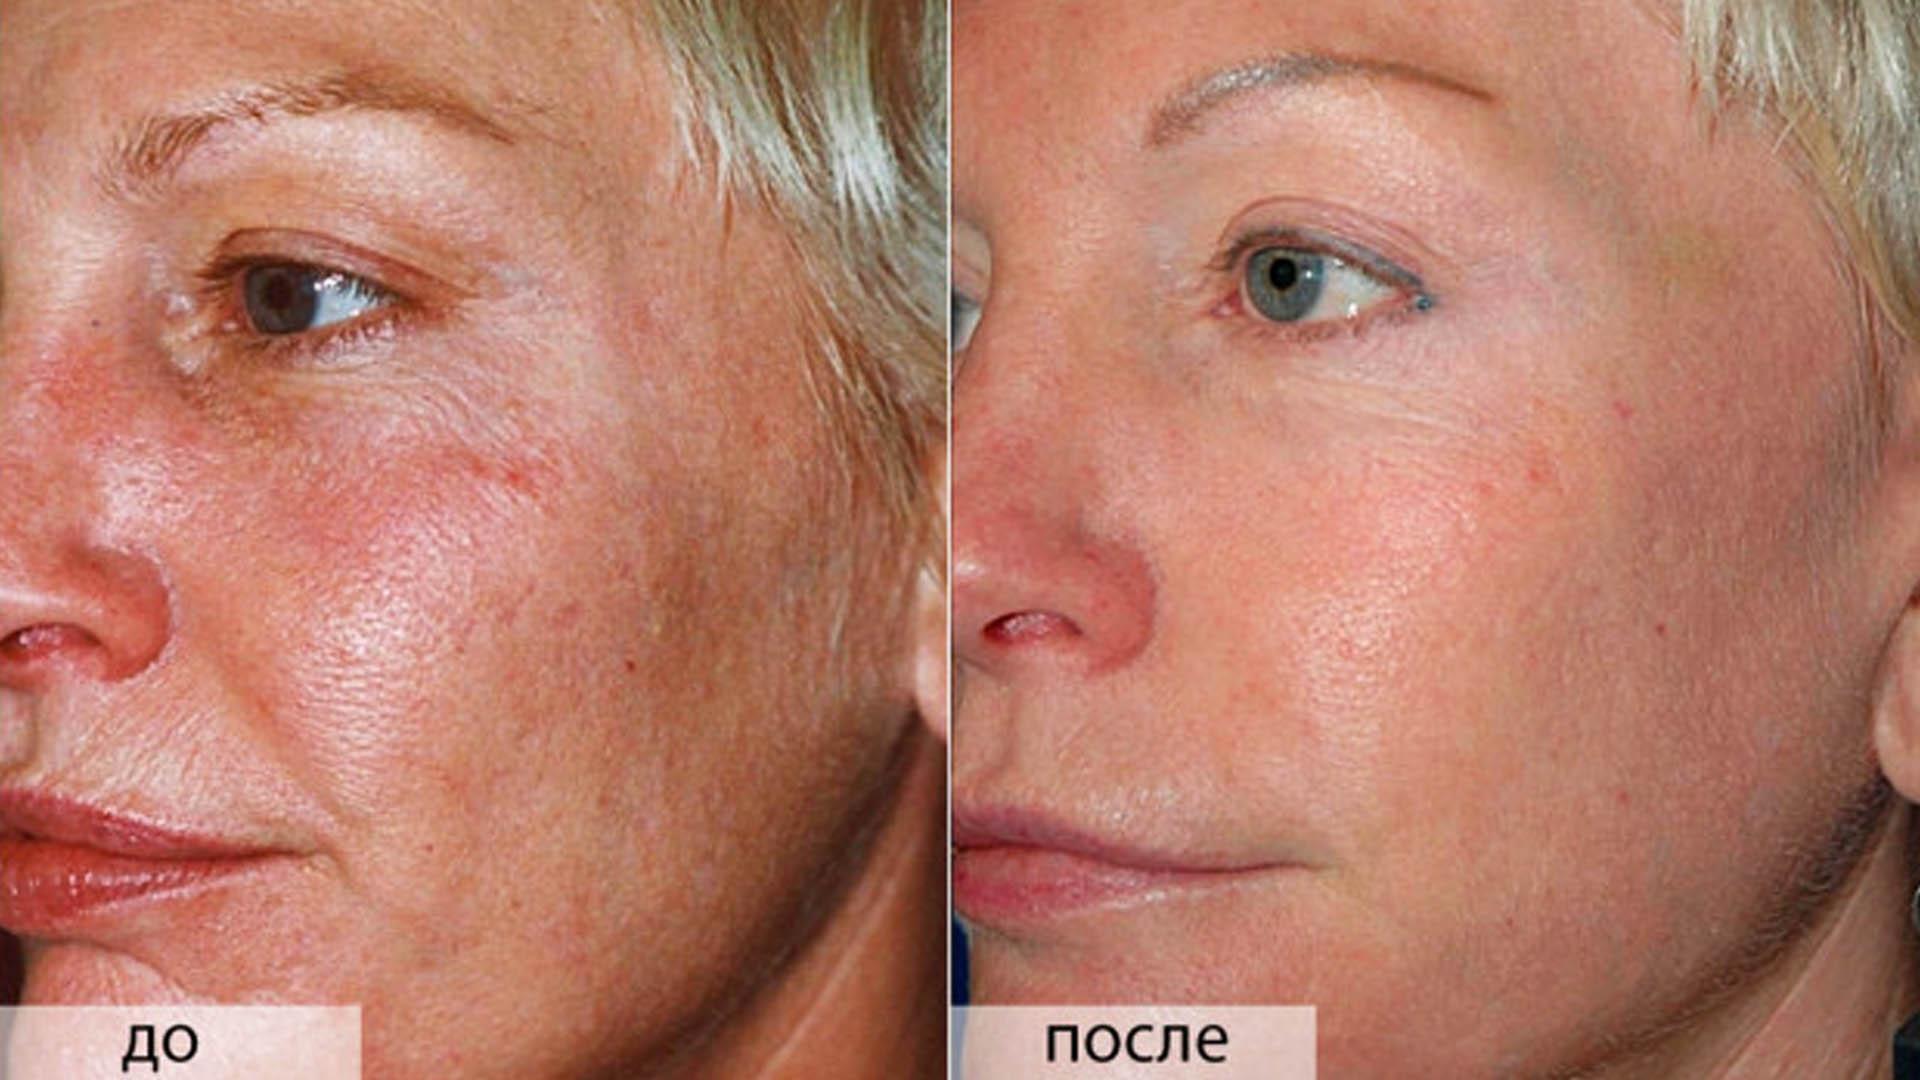 химический глубокий пилинг лица фото до и после